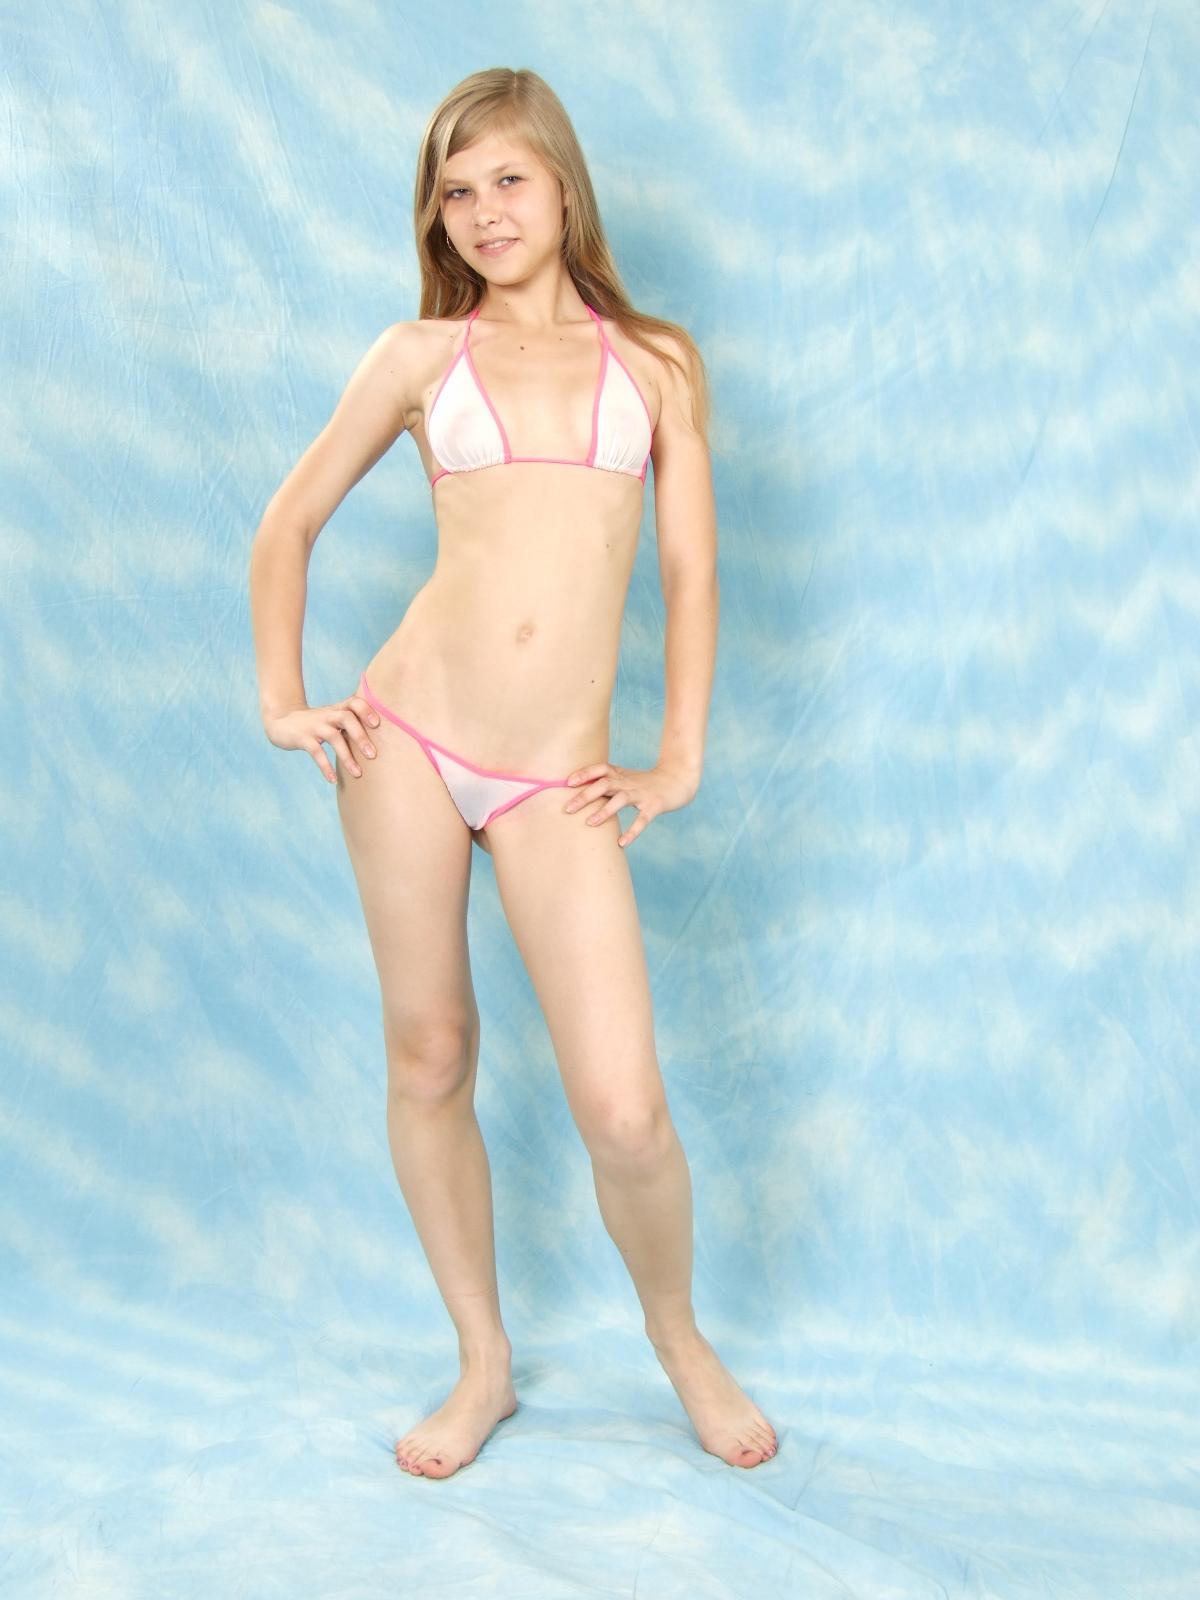 ultra model zina photo sexy girls